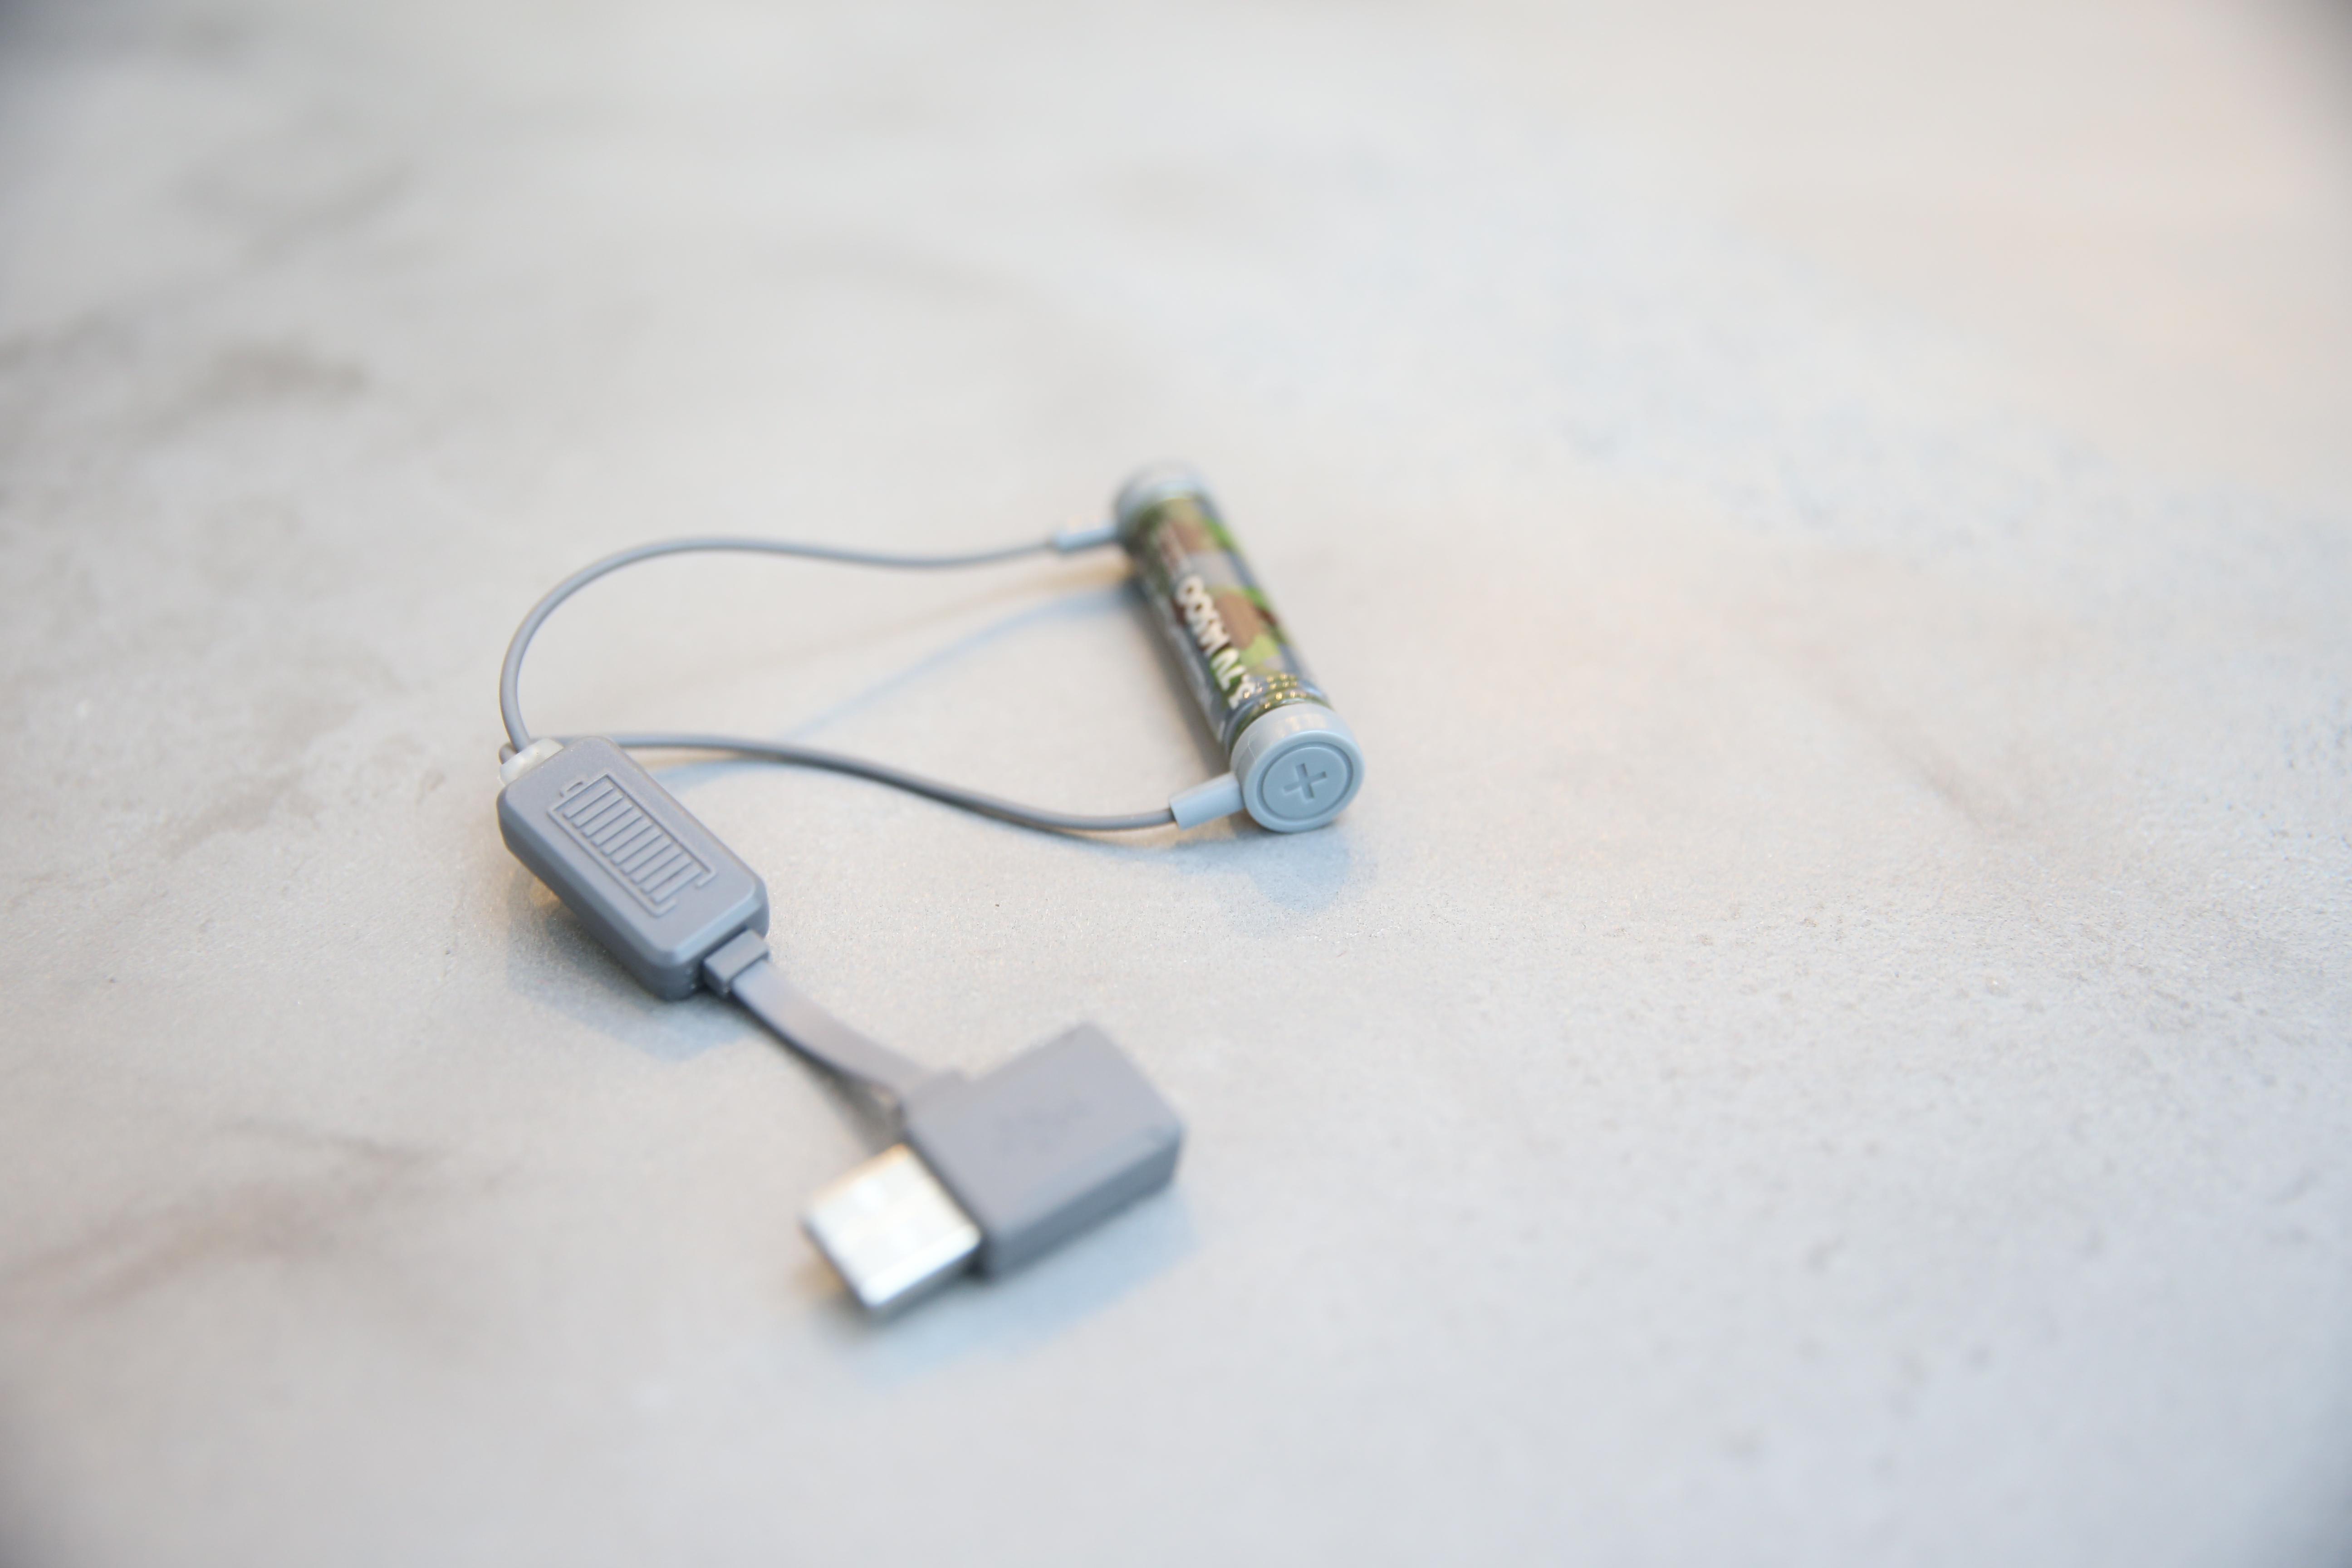 TILTA Nucleus-Nanoの付属の14500充電器の一部に不具合